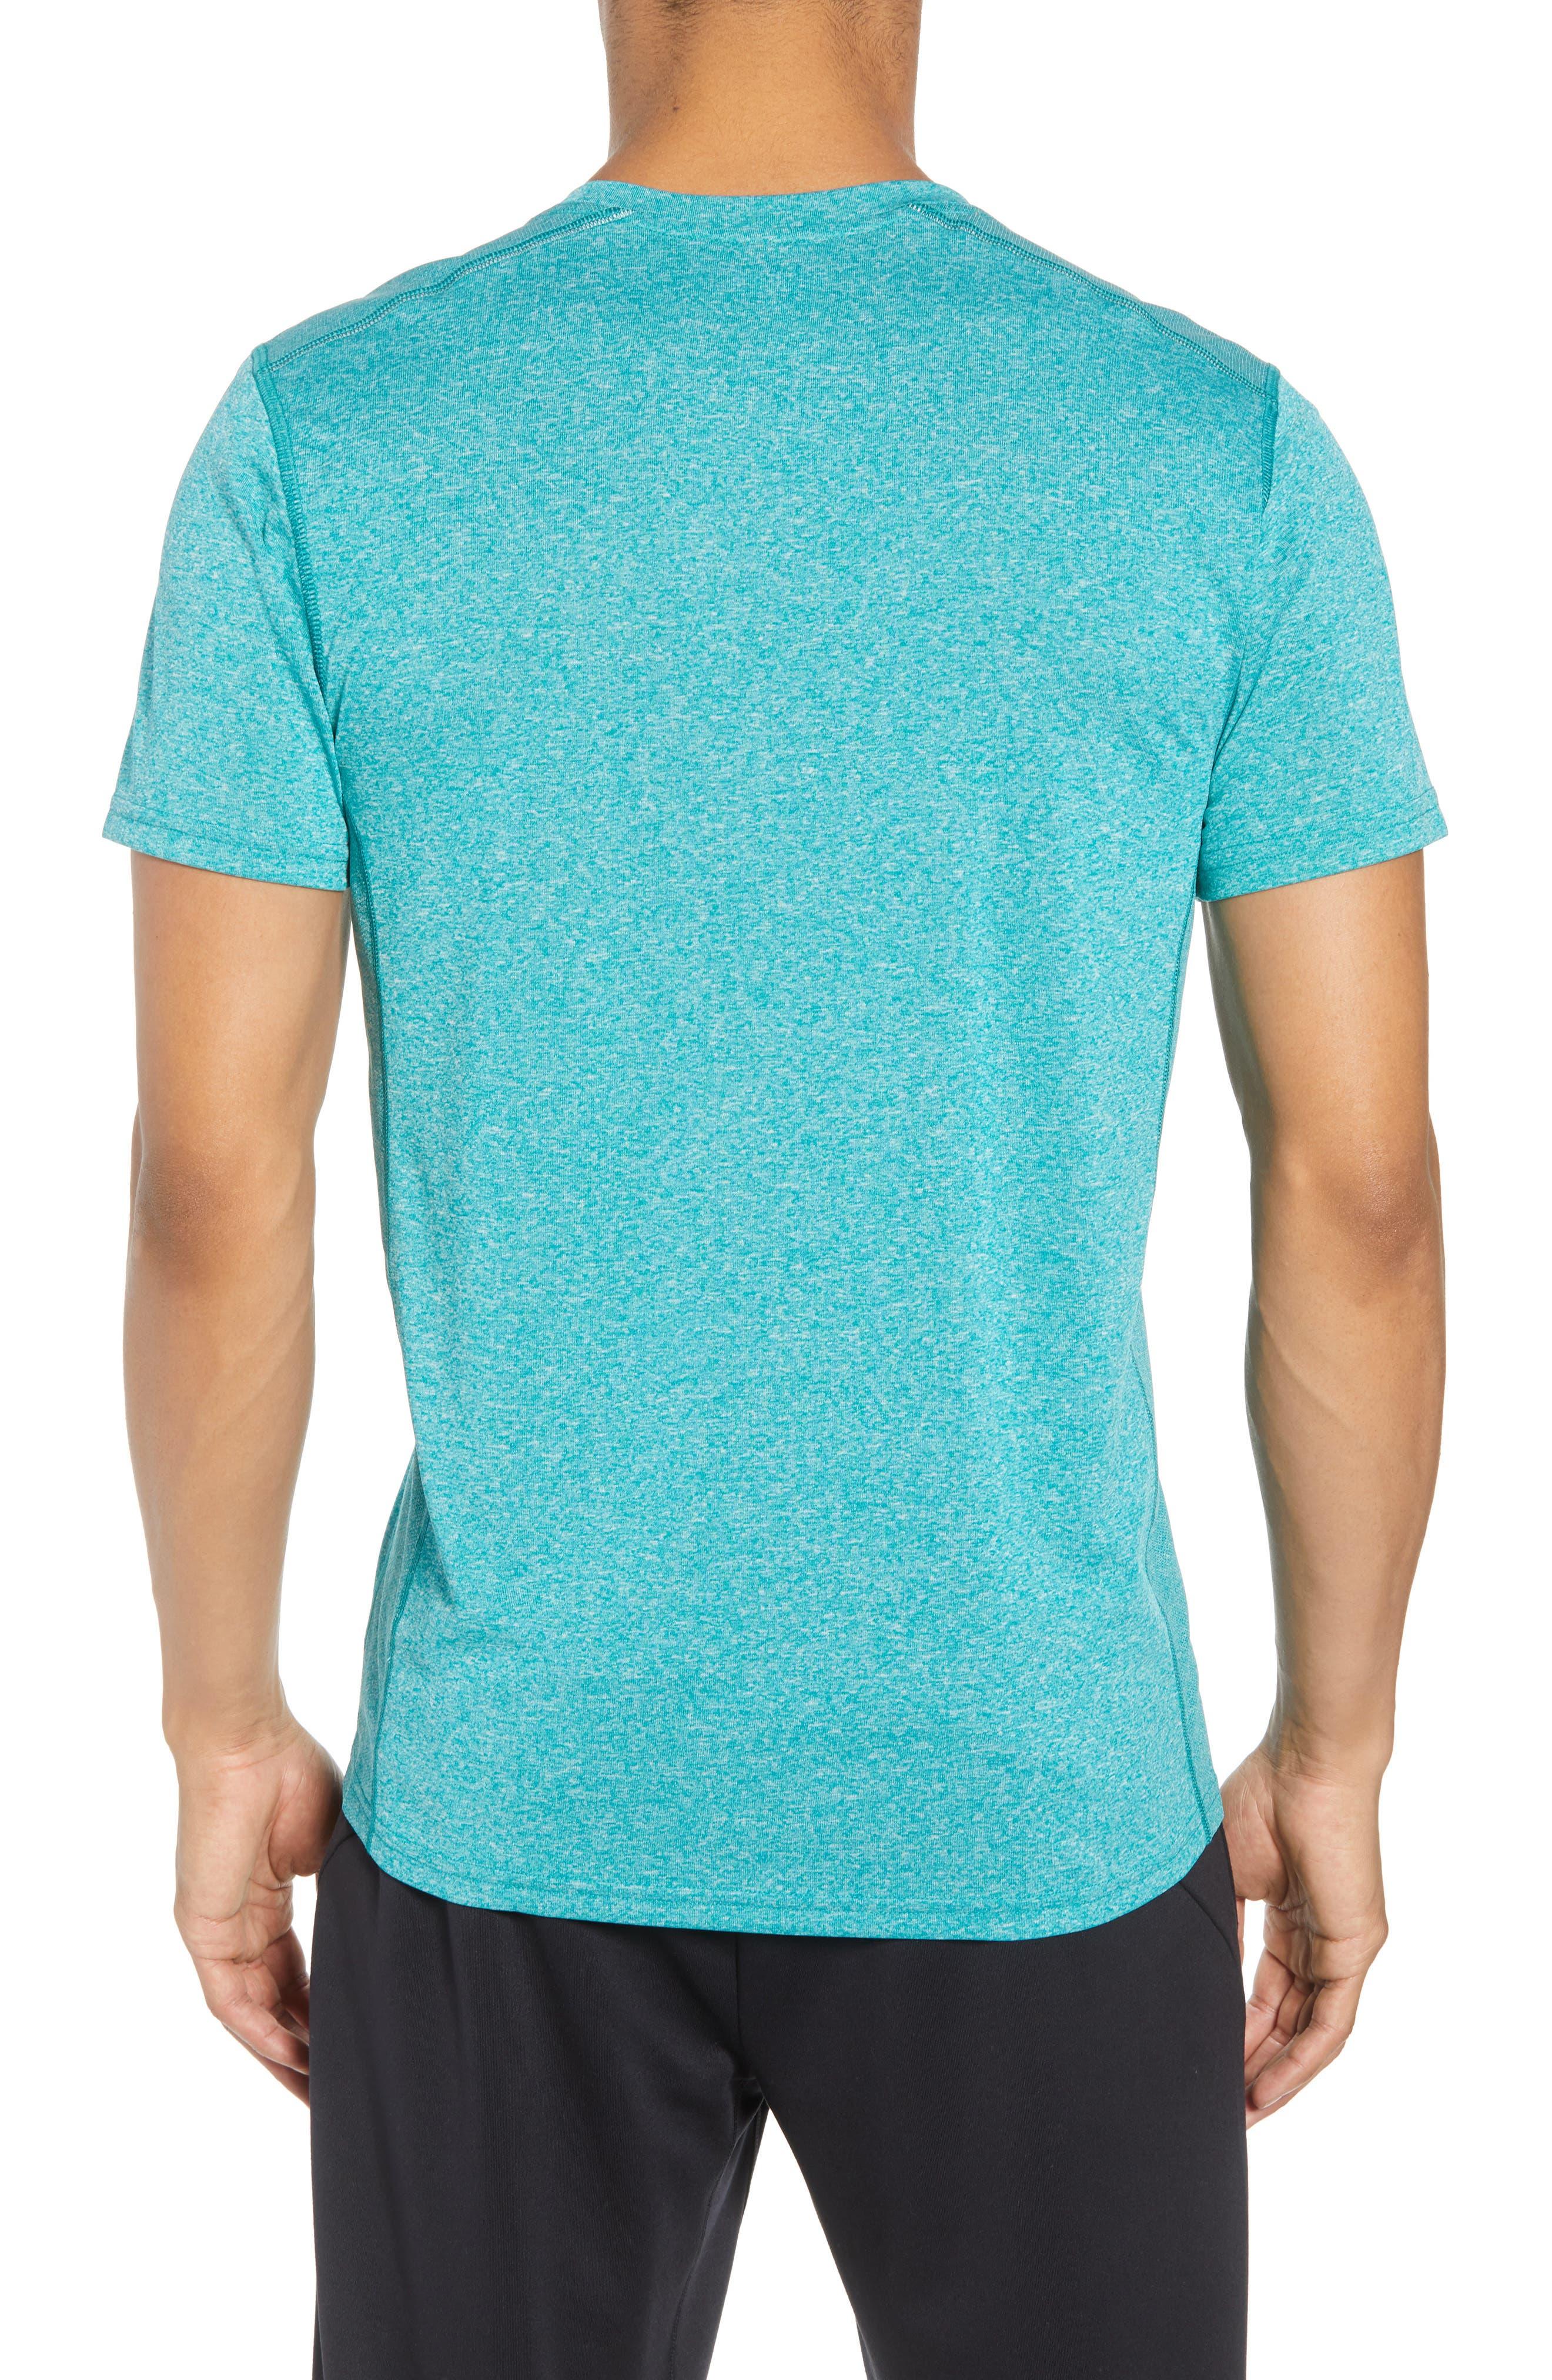 Goodsport Mesh Panel T-Shirt,                             Alternate thumbnail 10, color,